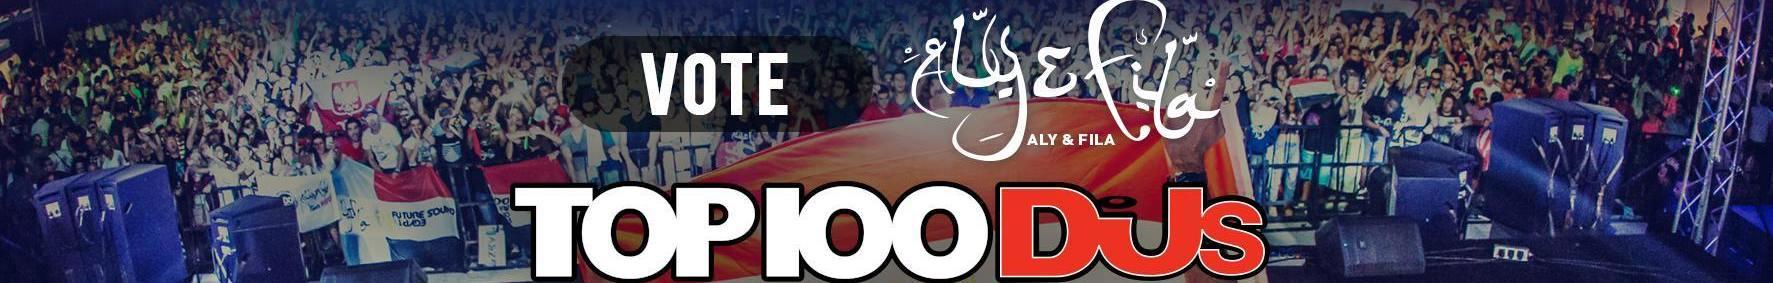 AlyandFila banner